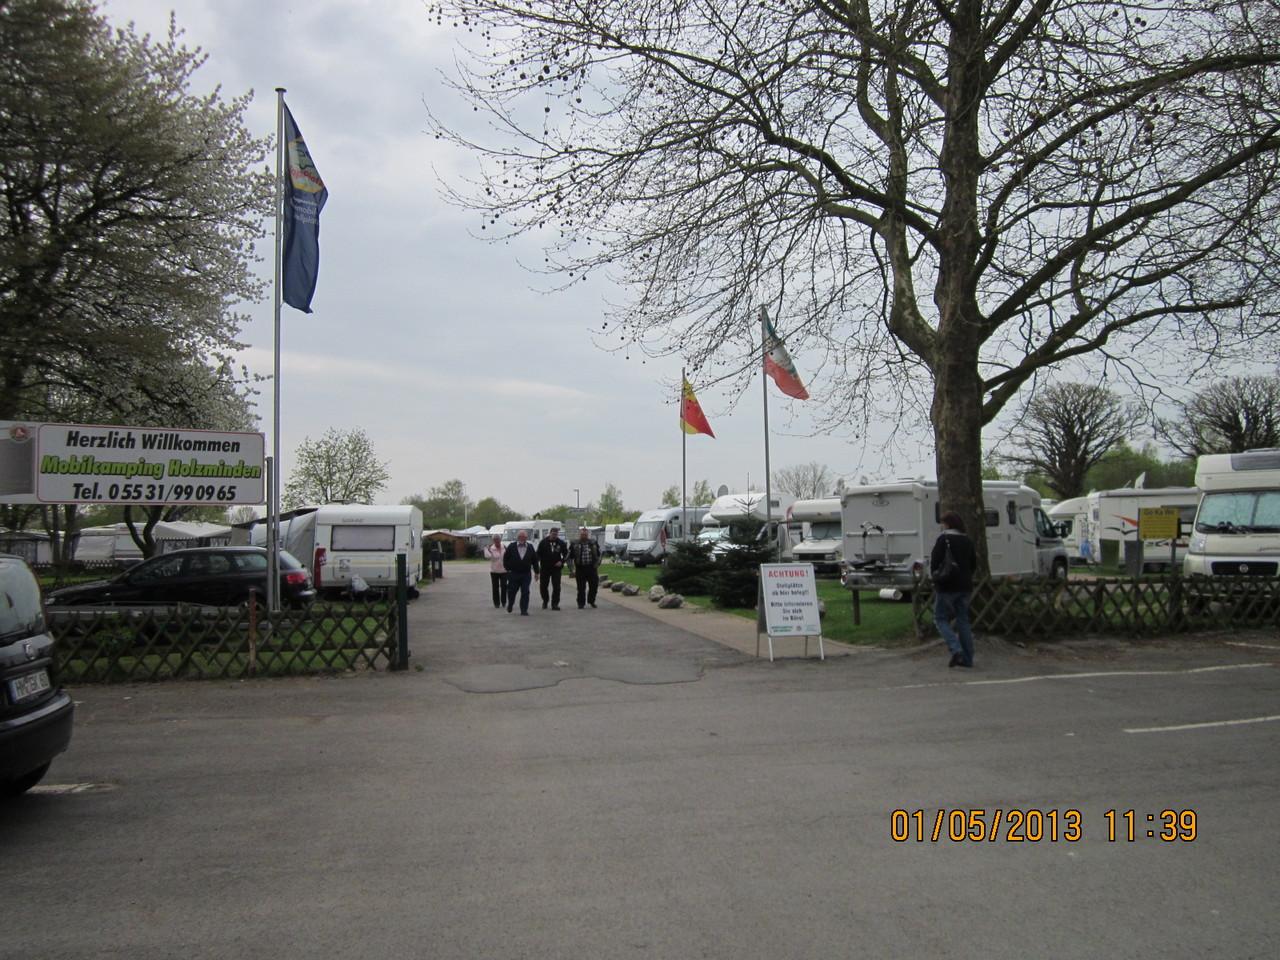 SP Mobilcamping Holzminden